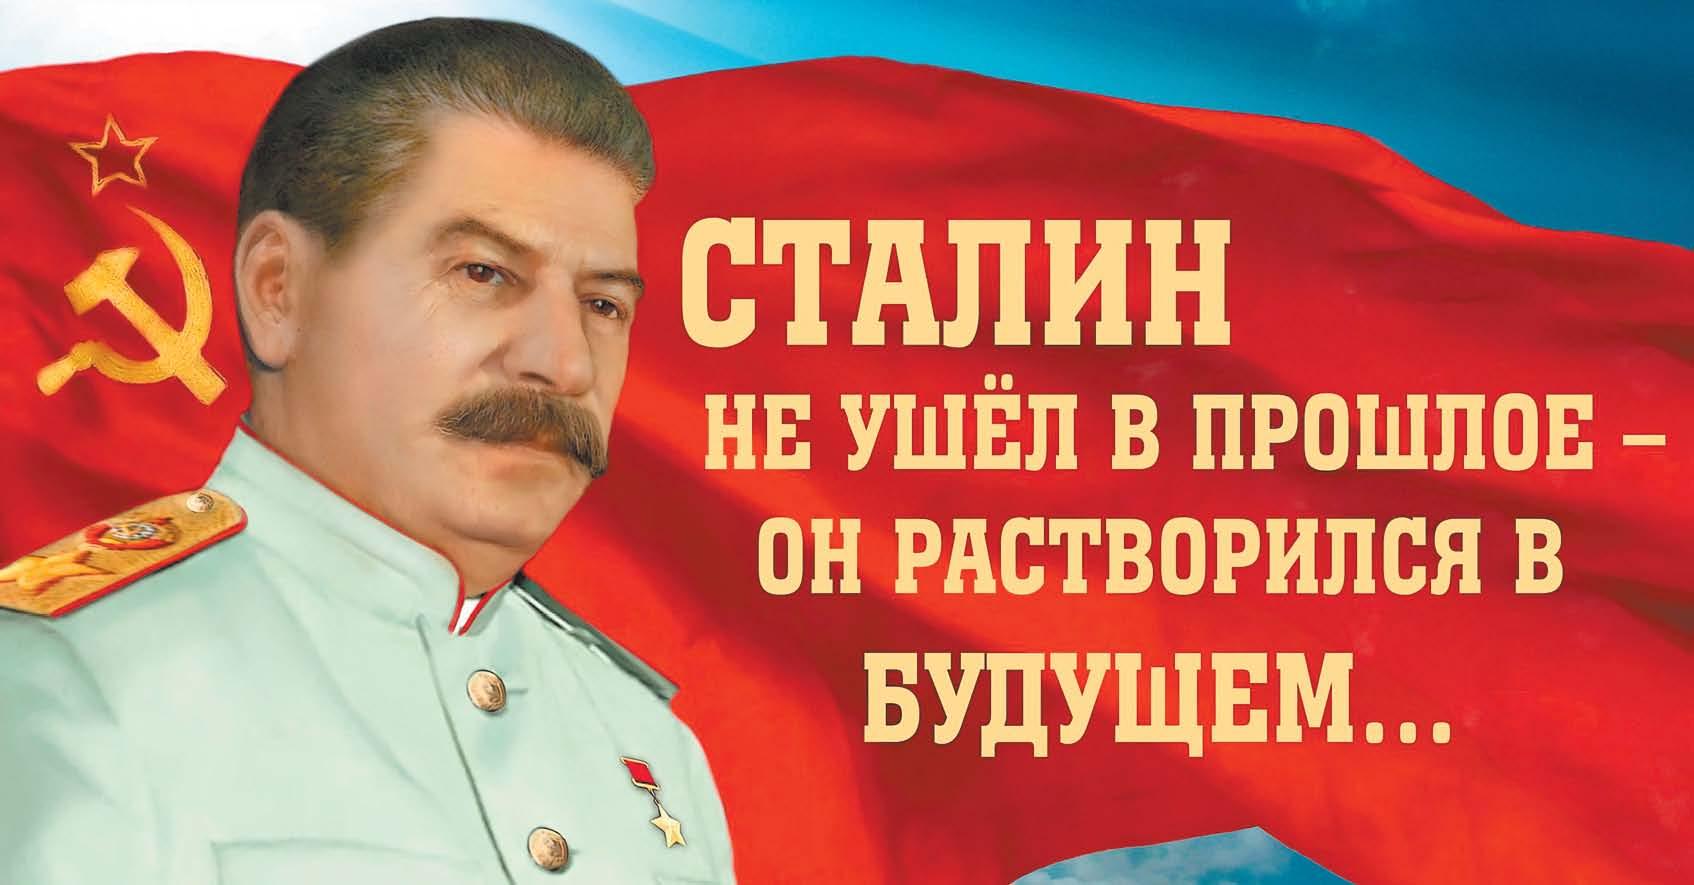 """""""За Сталина"""": коммунисты в оккупированном Севастополе решили восстановить памятник советскому диктатору"""